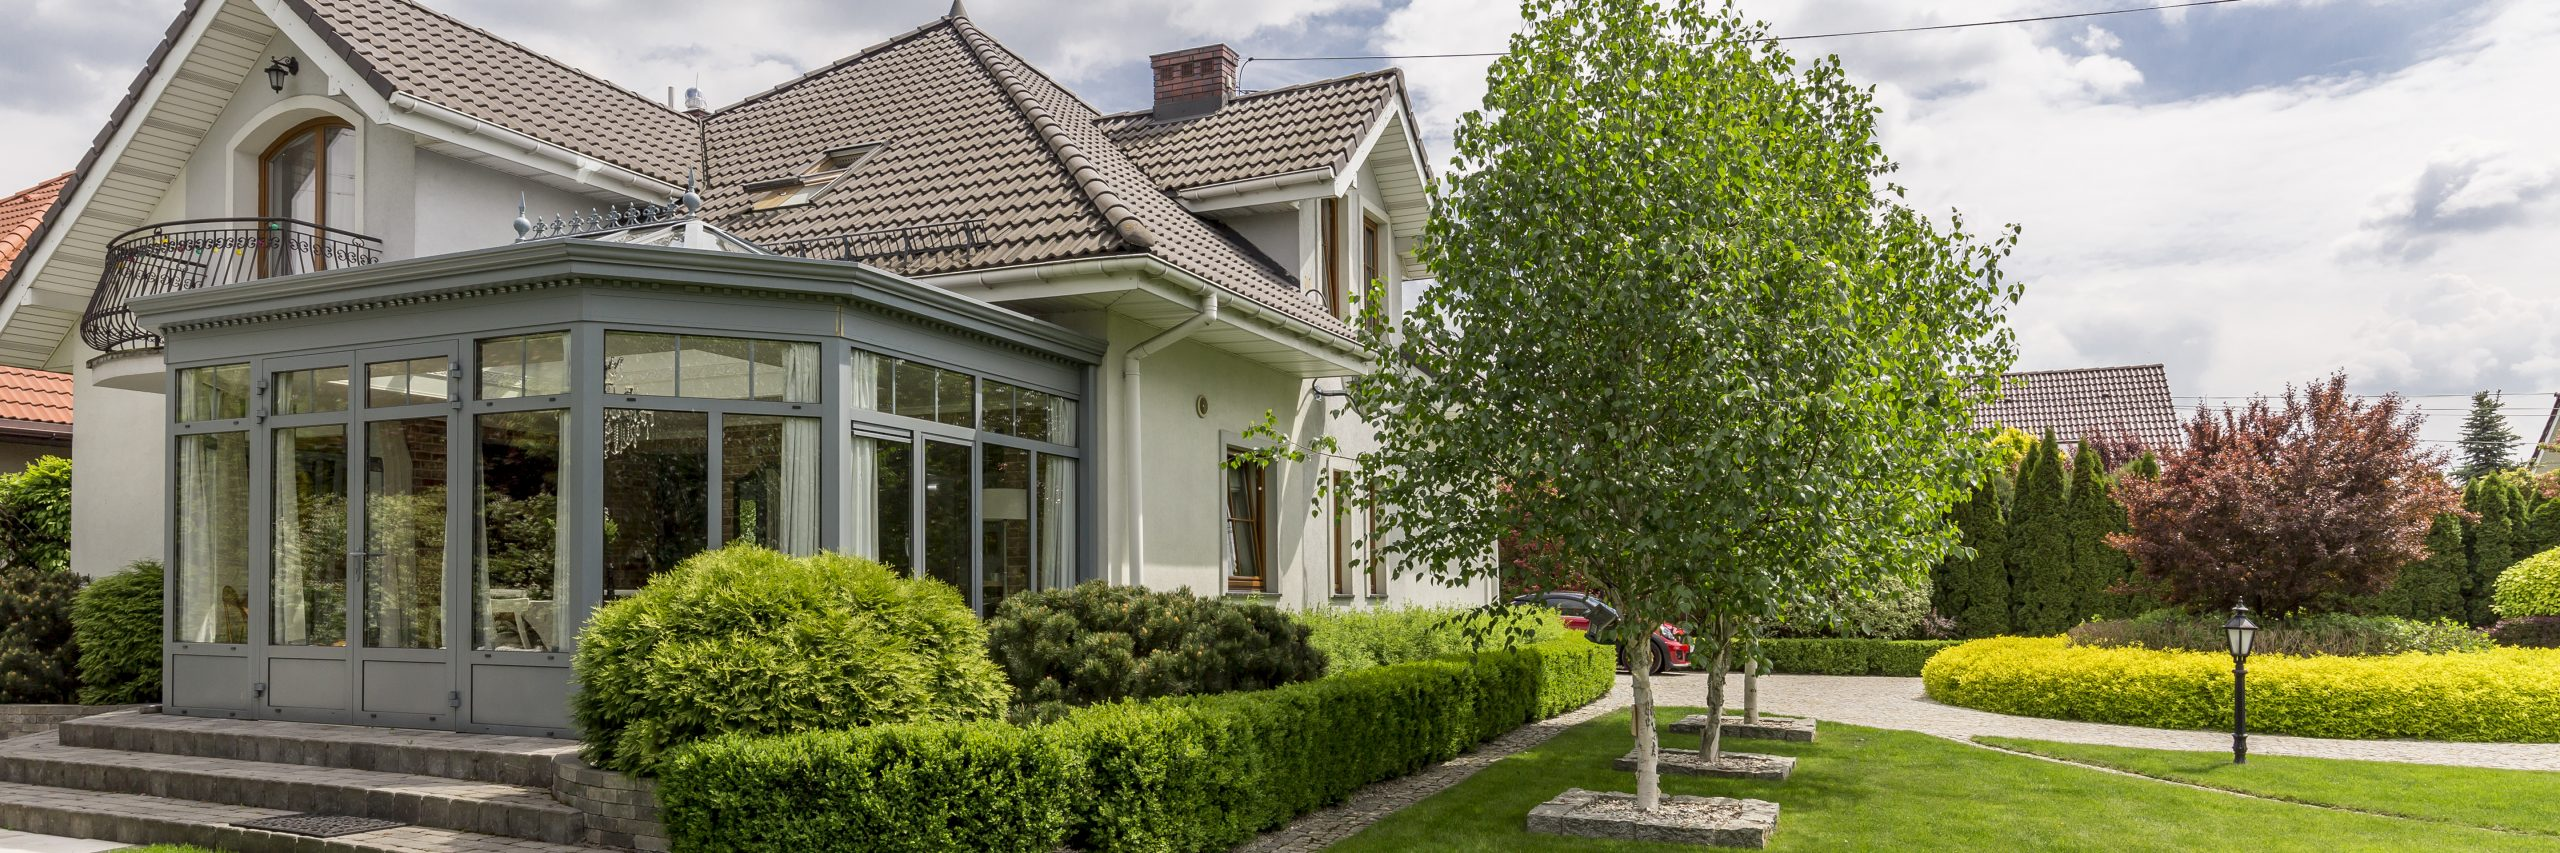 Einfamilienhaus Trier